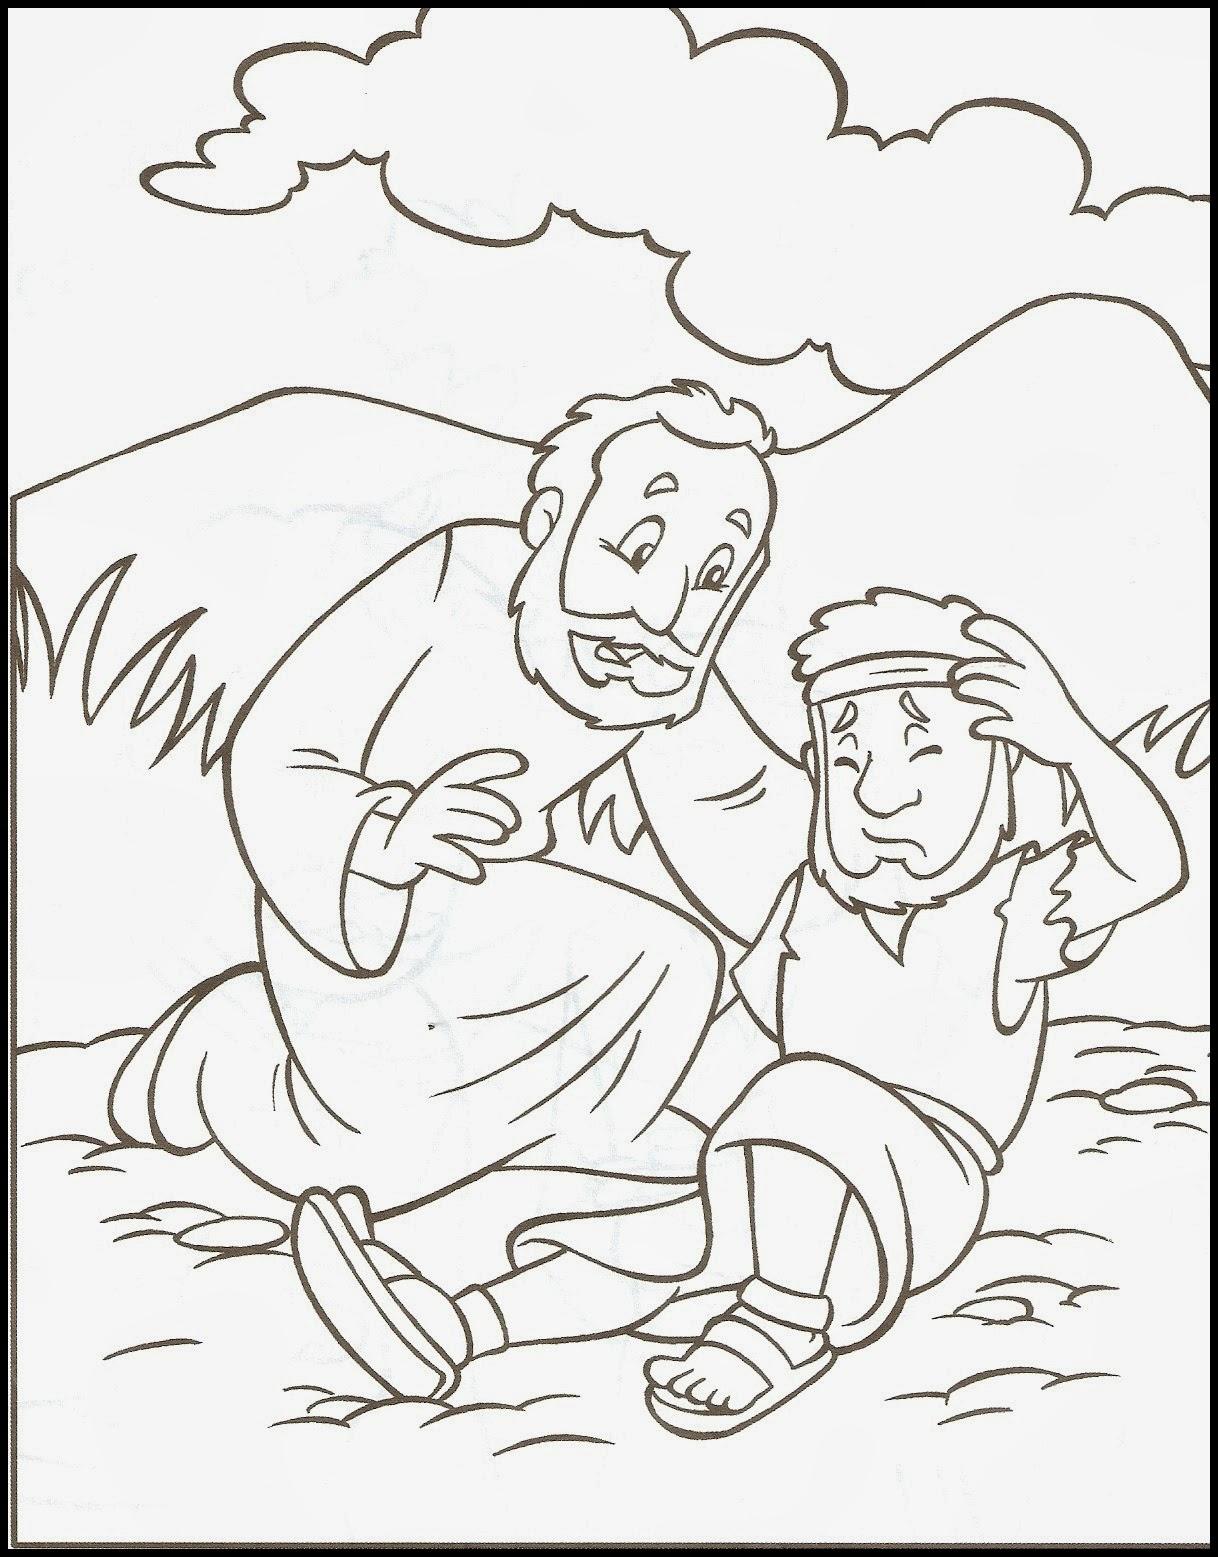 catequista wânia parábola do bom samaritano